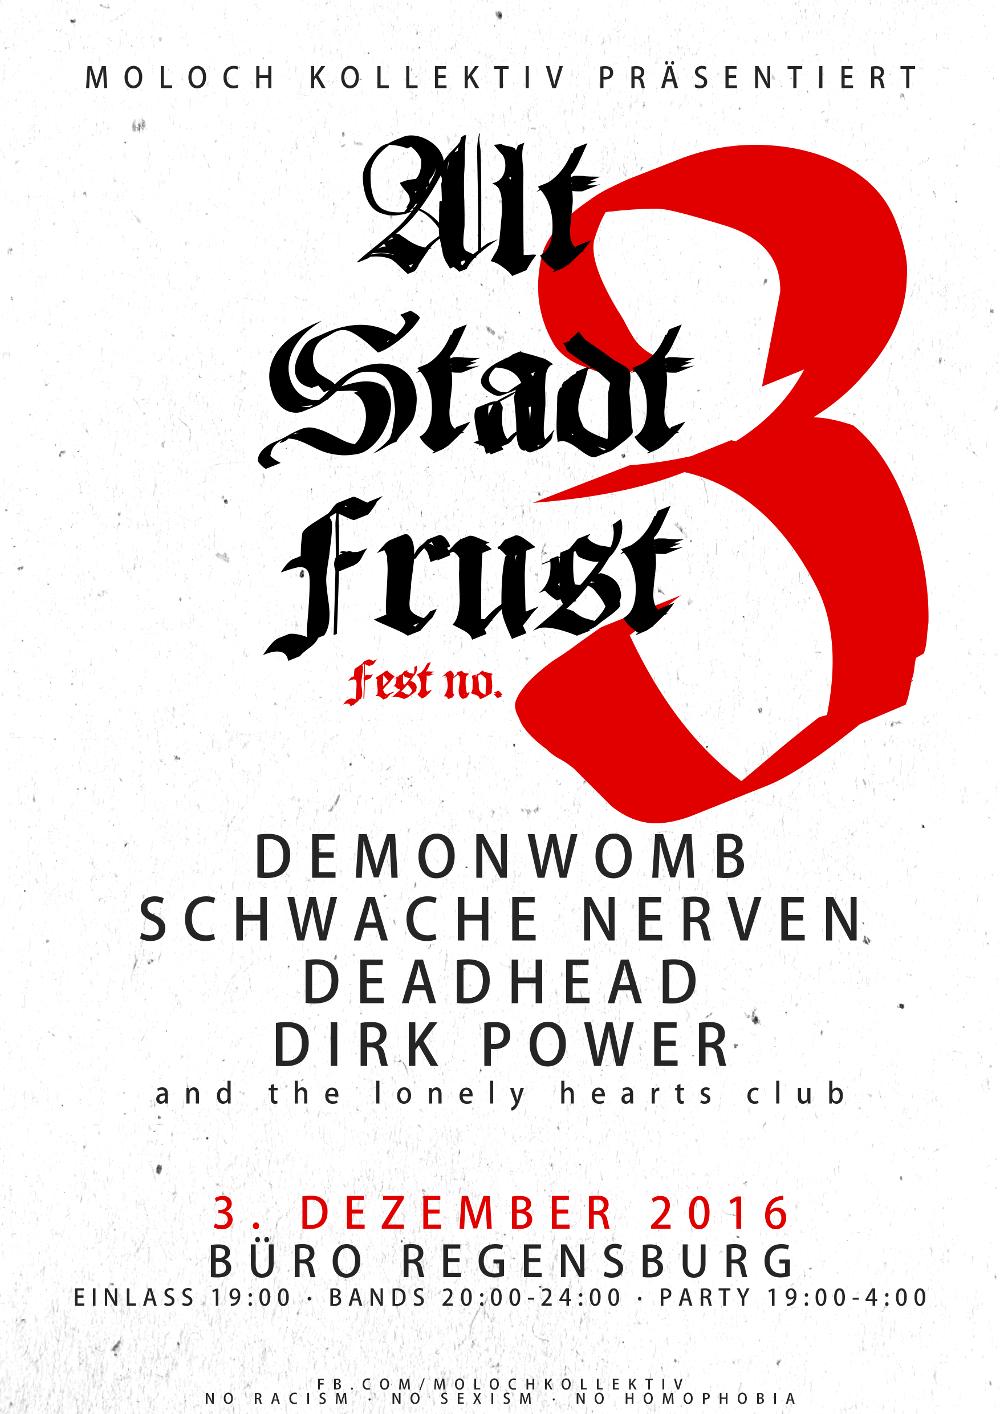 2016-12-03 Altstadtfrust Fest no. 3 - Moloch Kollektiv + Demonwomb + Schwache Nerven + Deadhead + Dirk Power